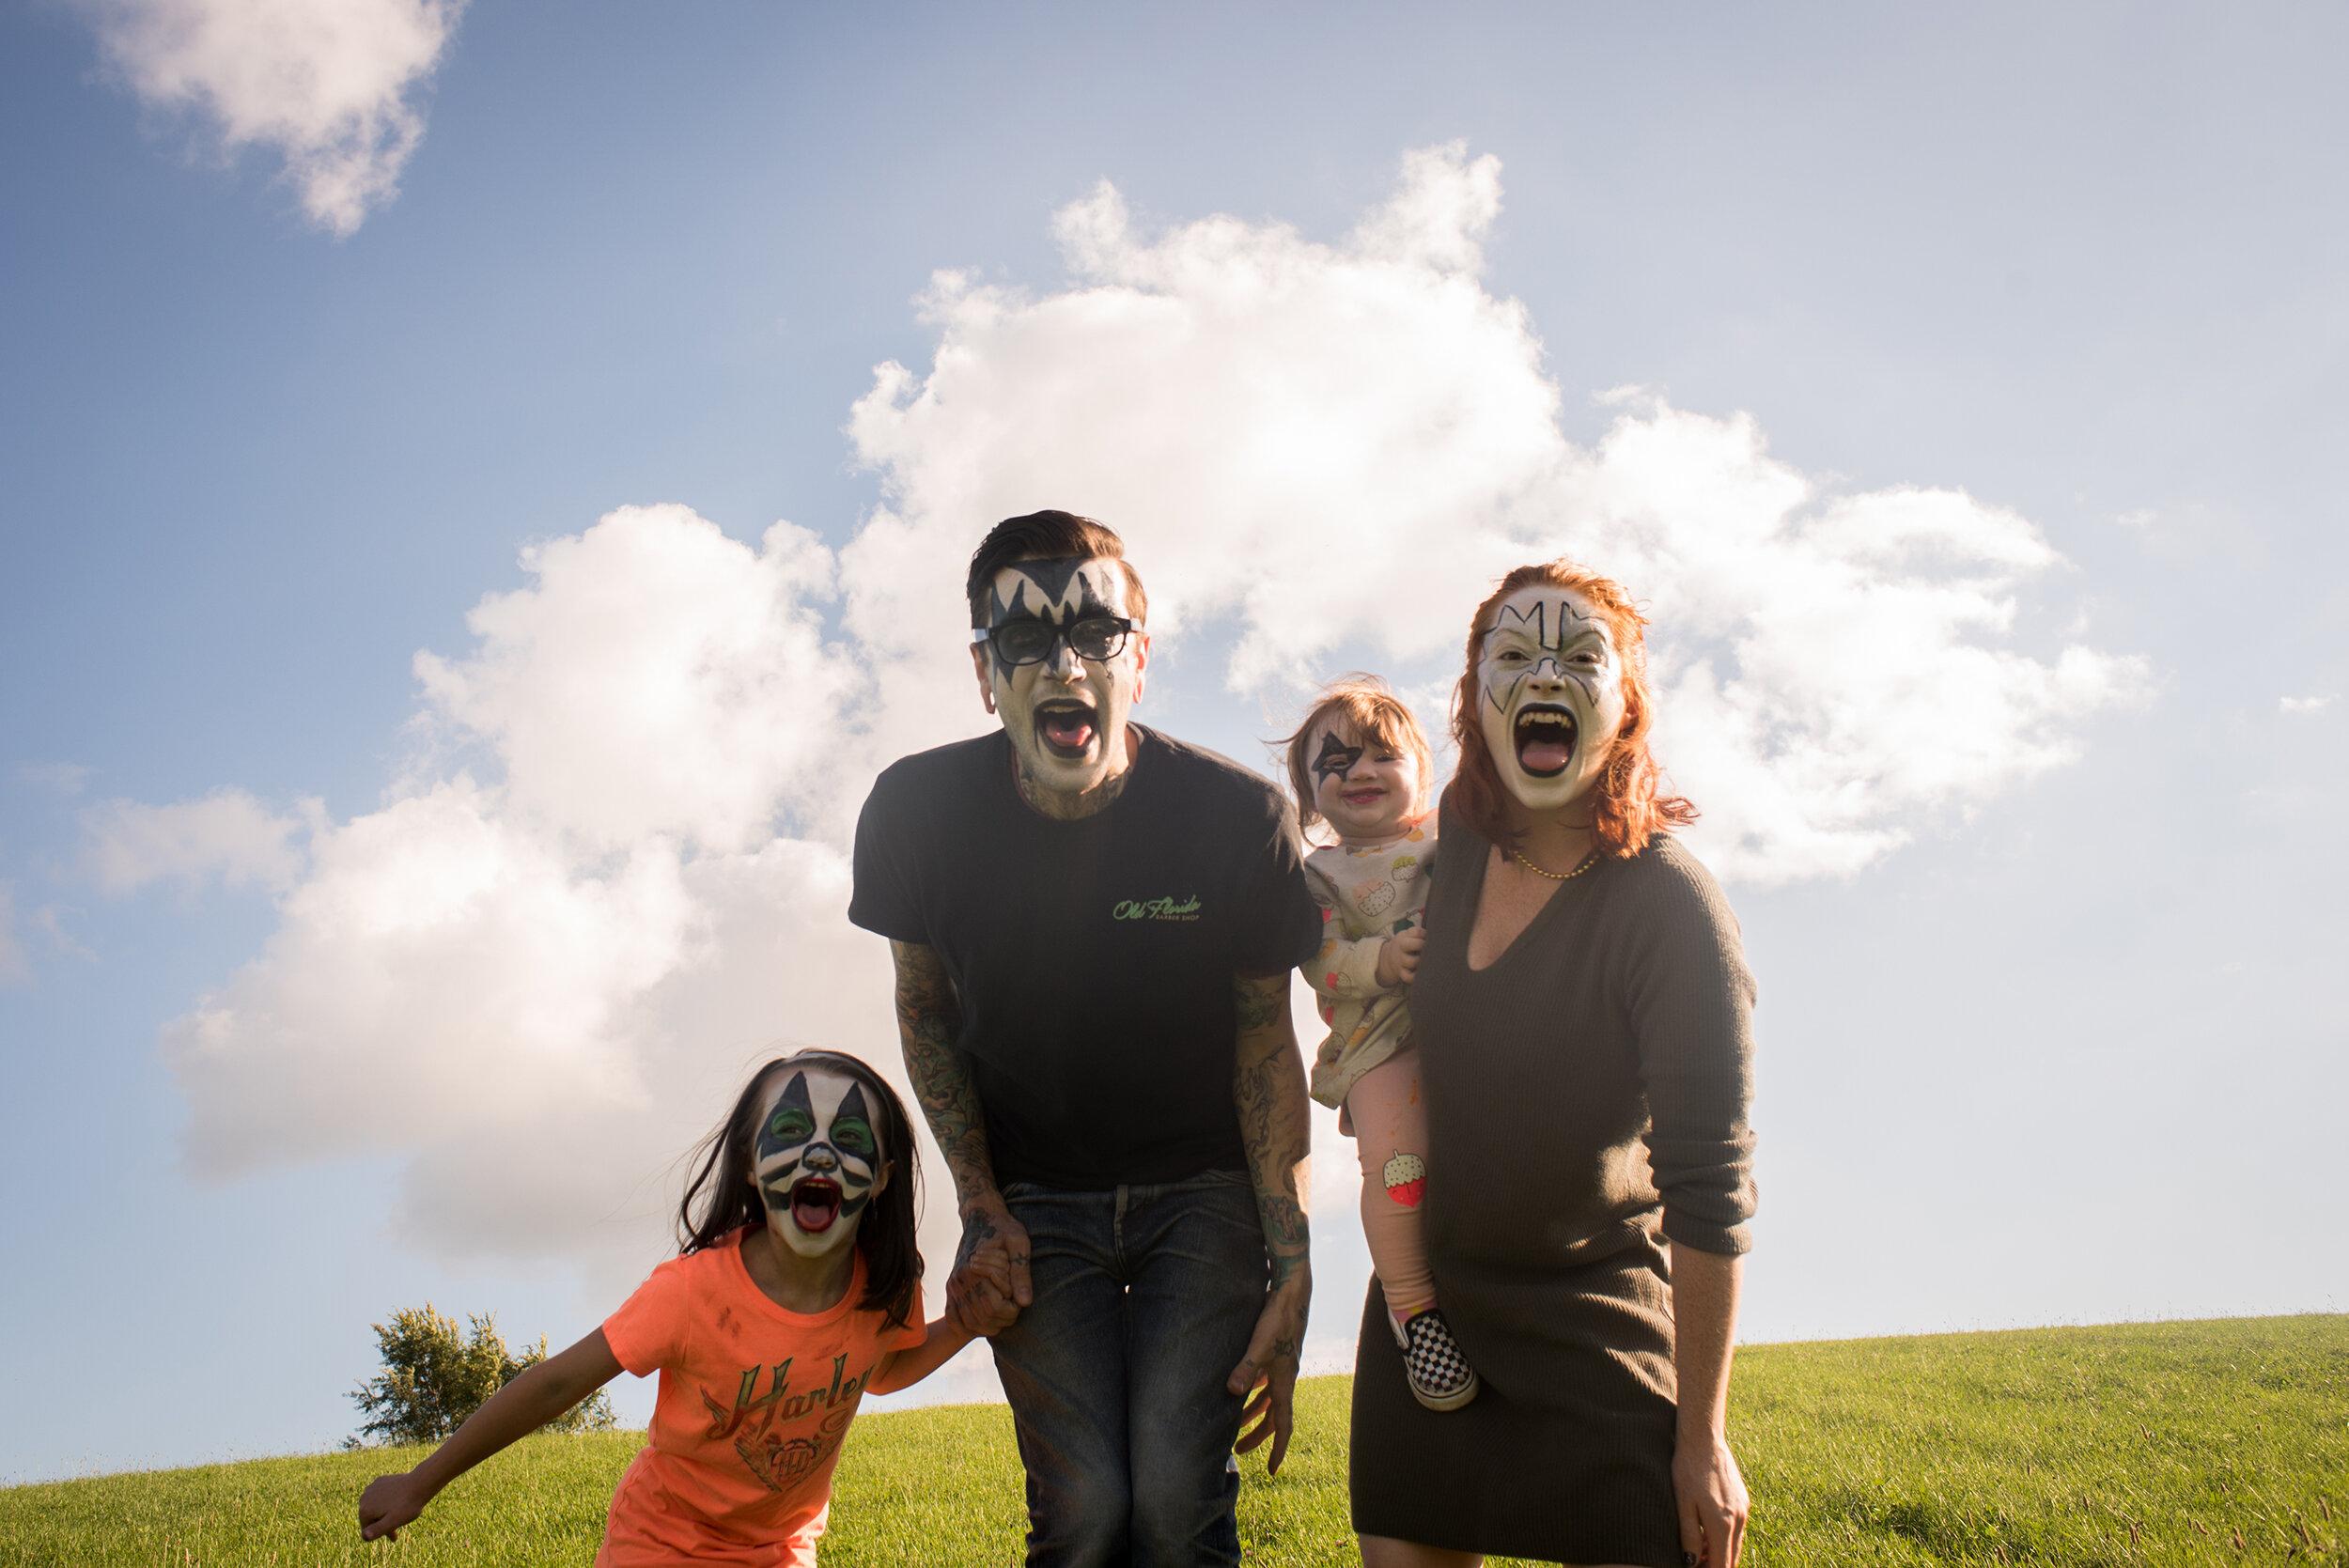 KISS Makeup Family Photos